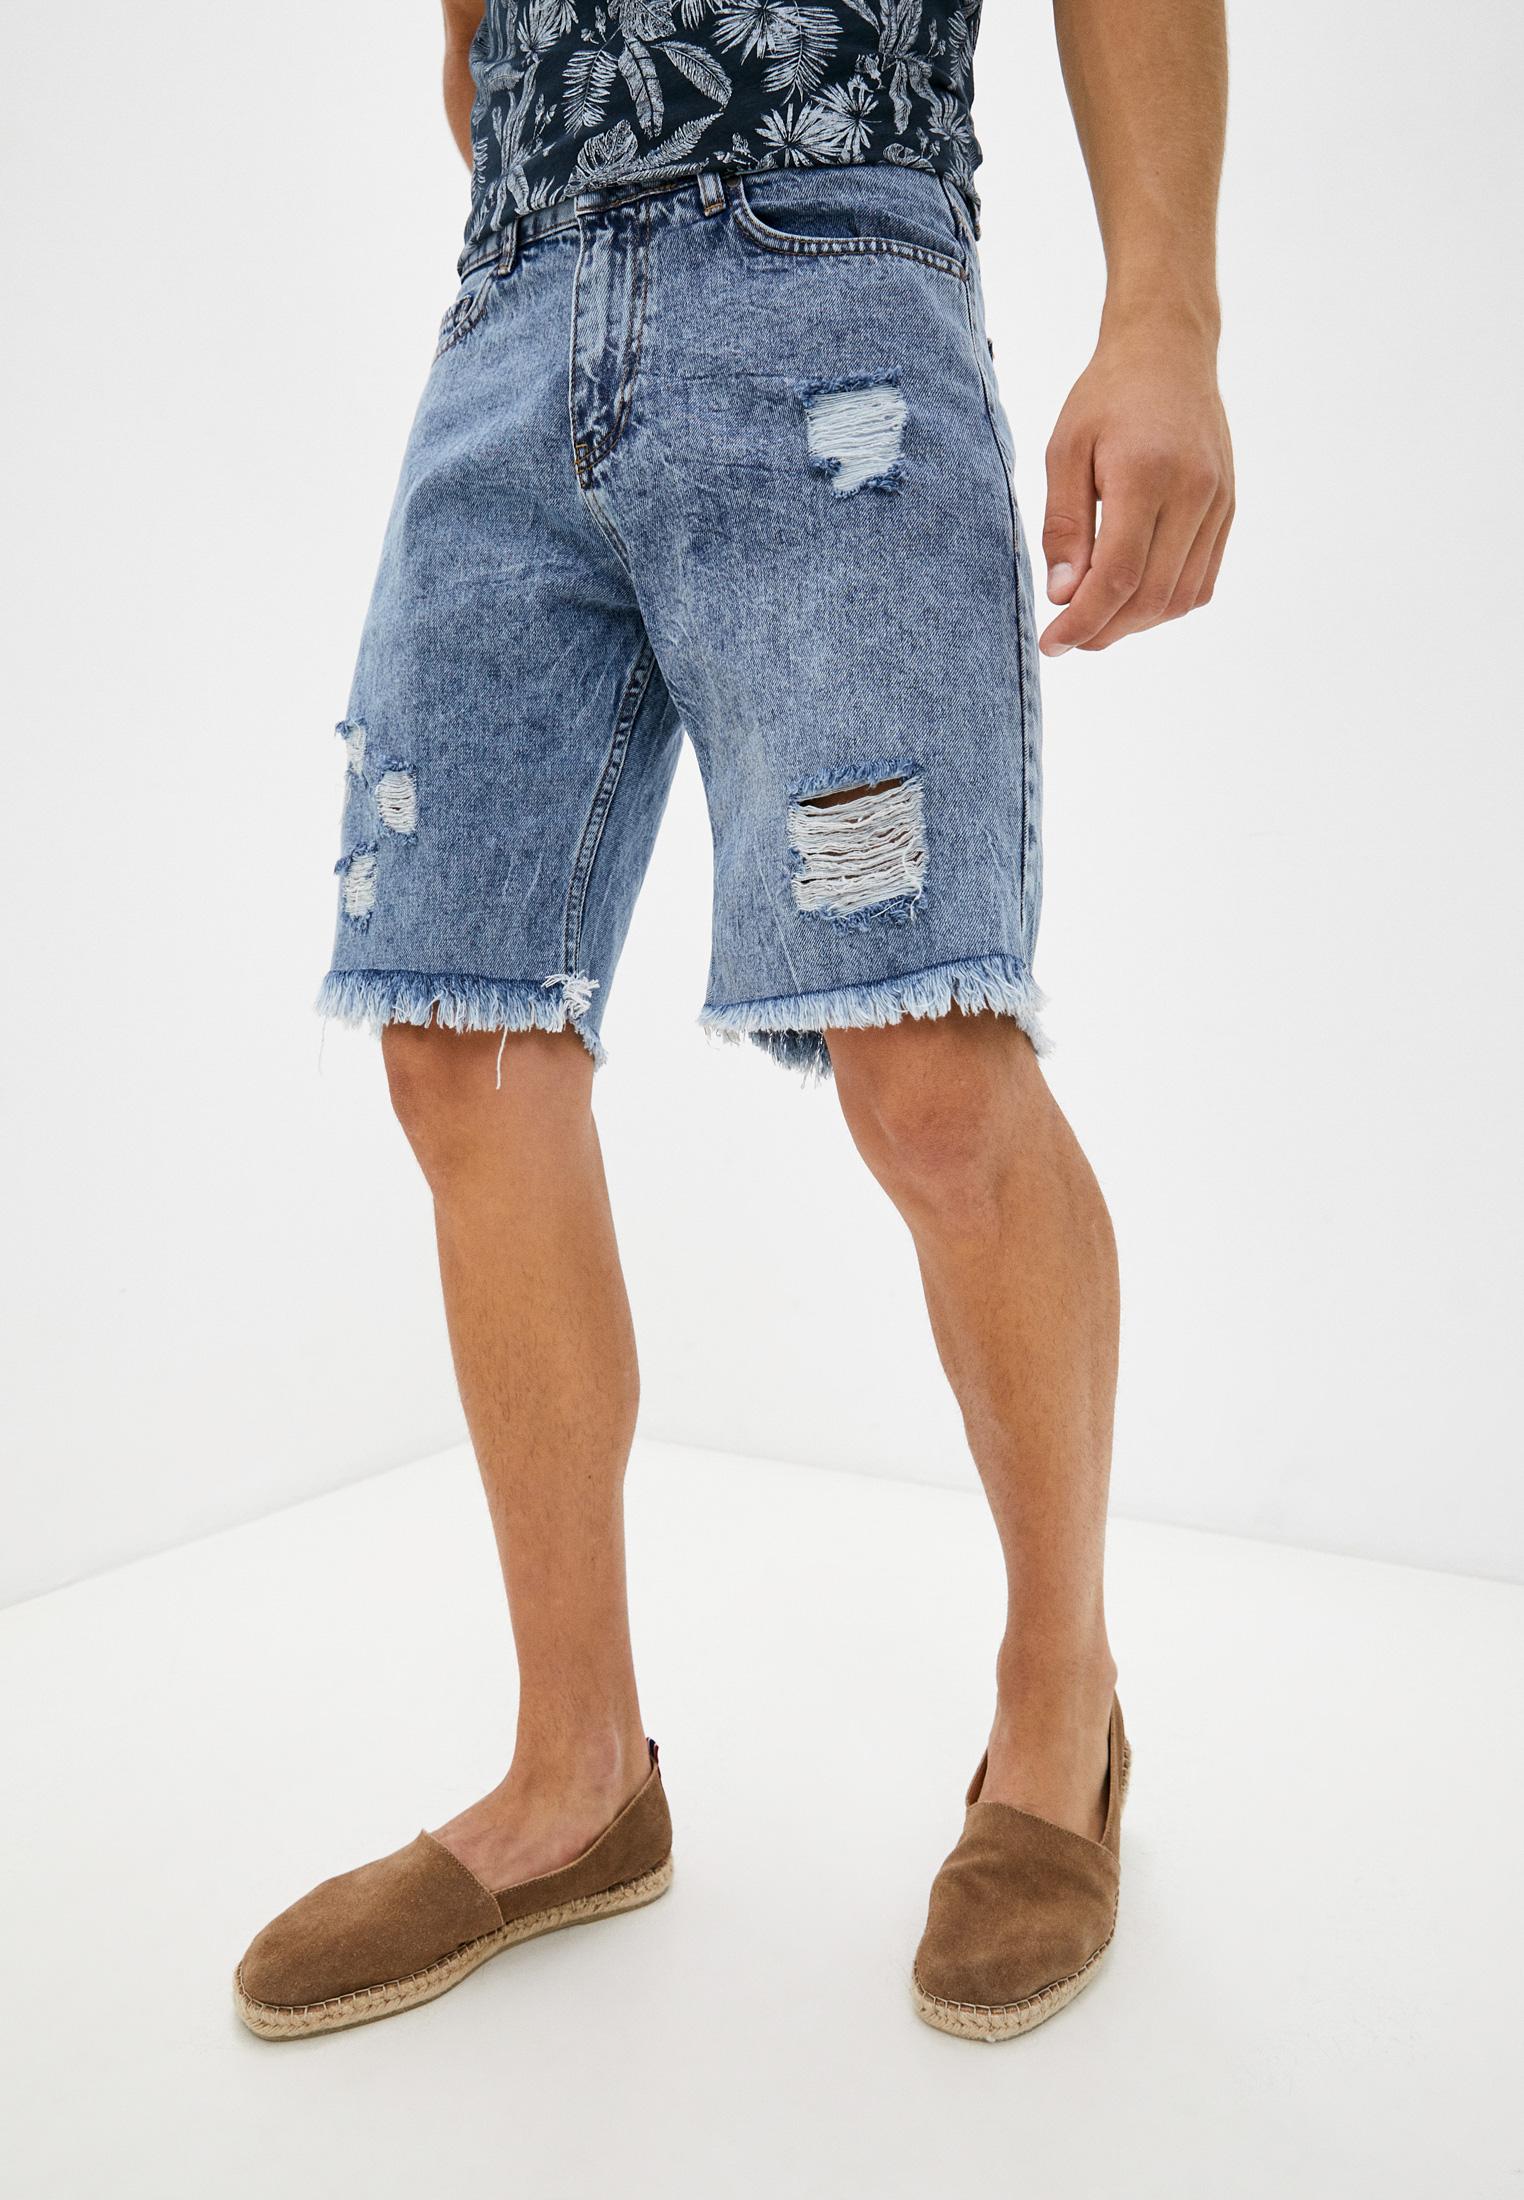 Мужские джинсовые шорты Trendyol Шорты джинсовые Trendyol